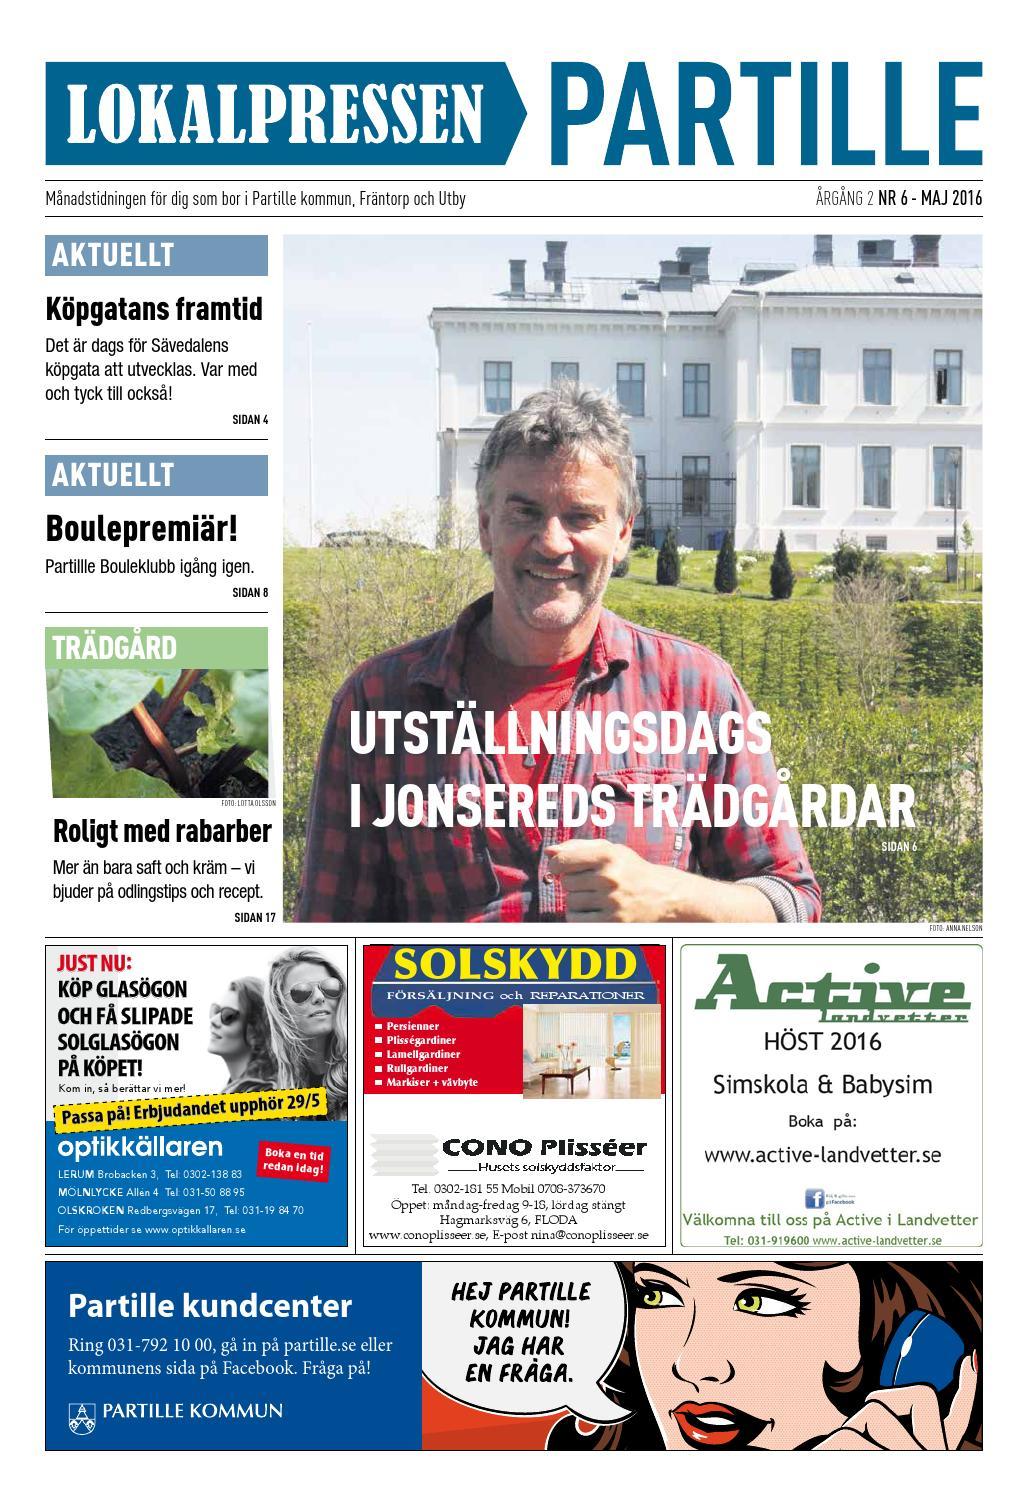 Martin Dehnberg, Puketorpsvgen 19, Svedalen | unam.net